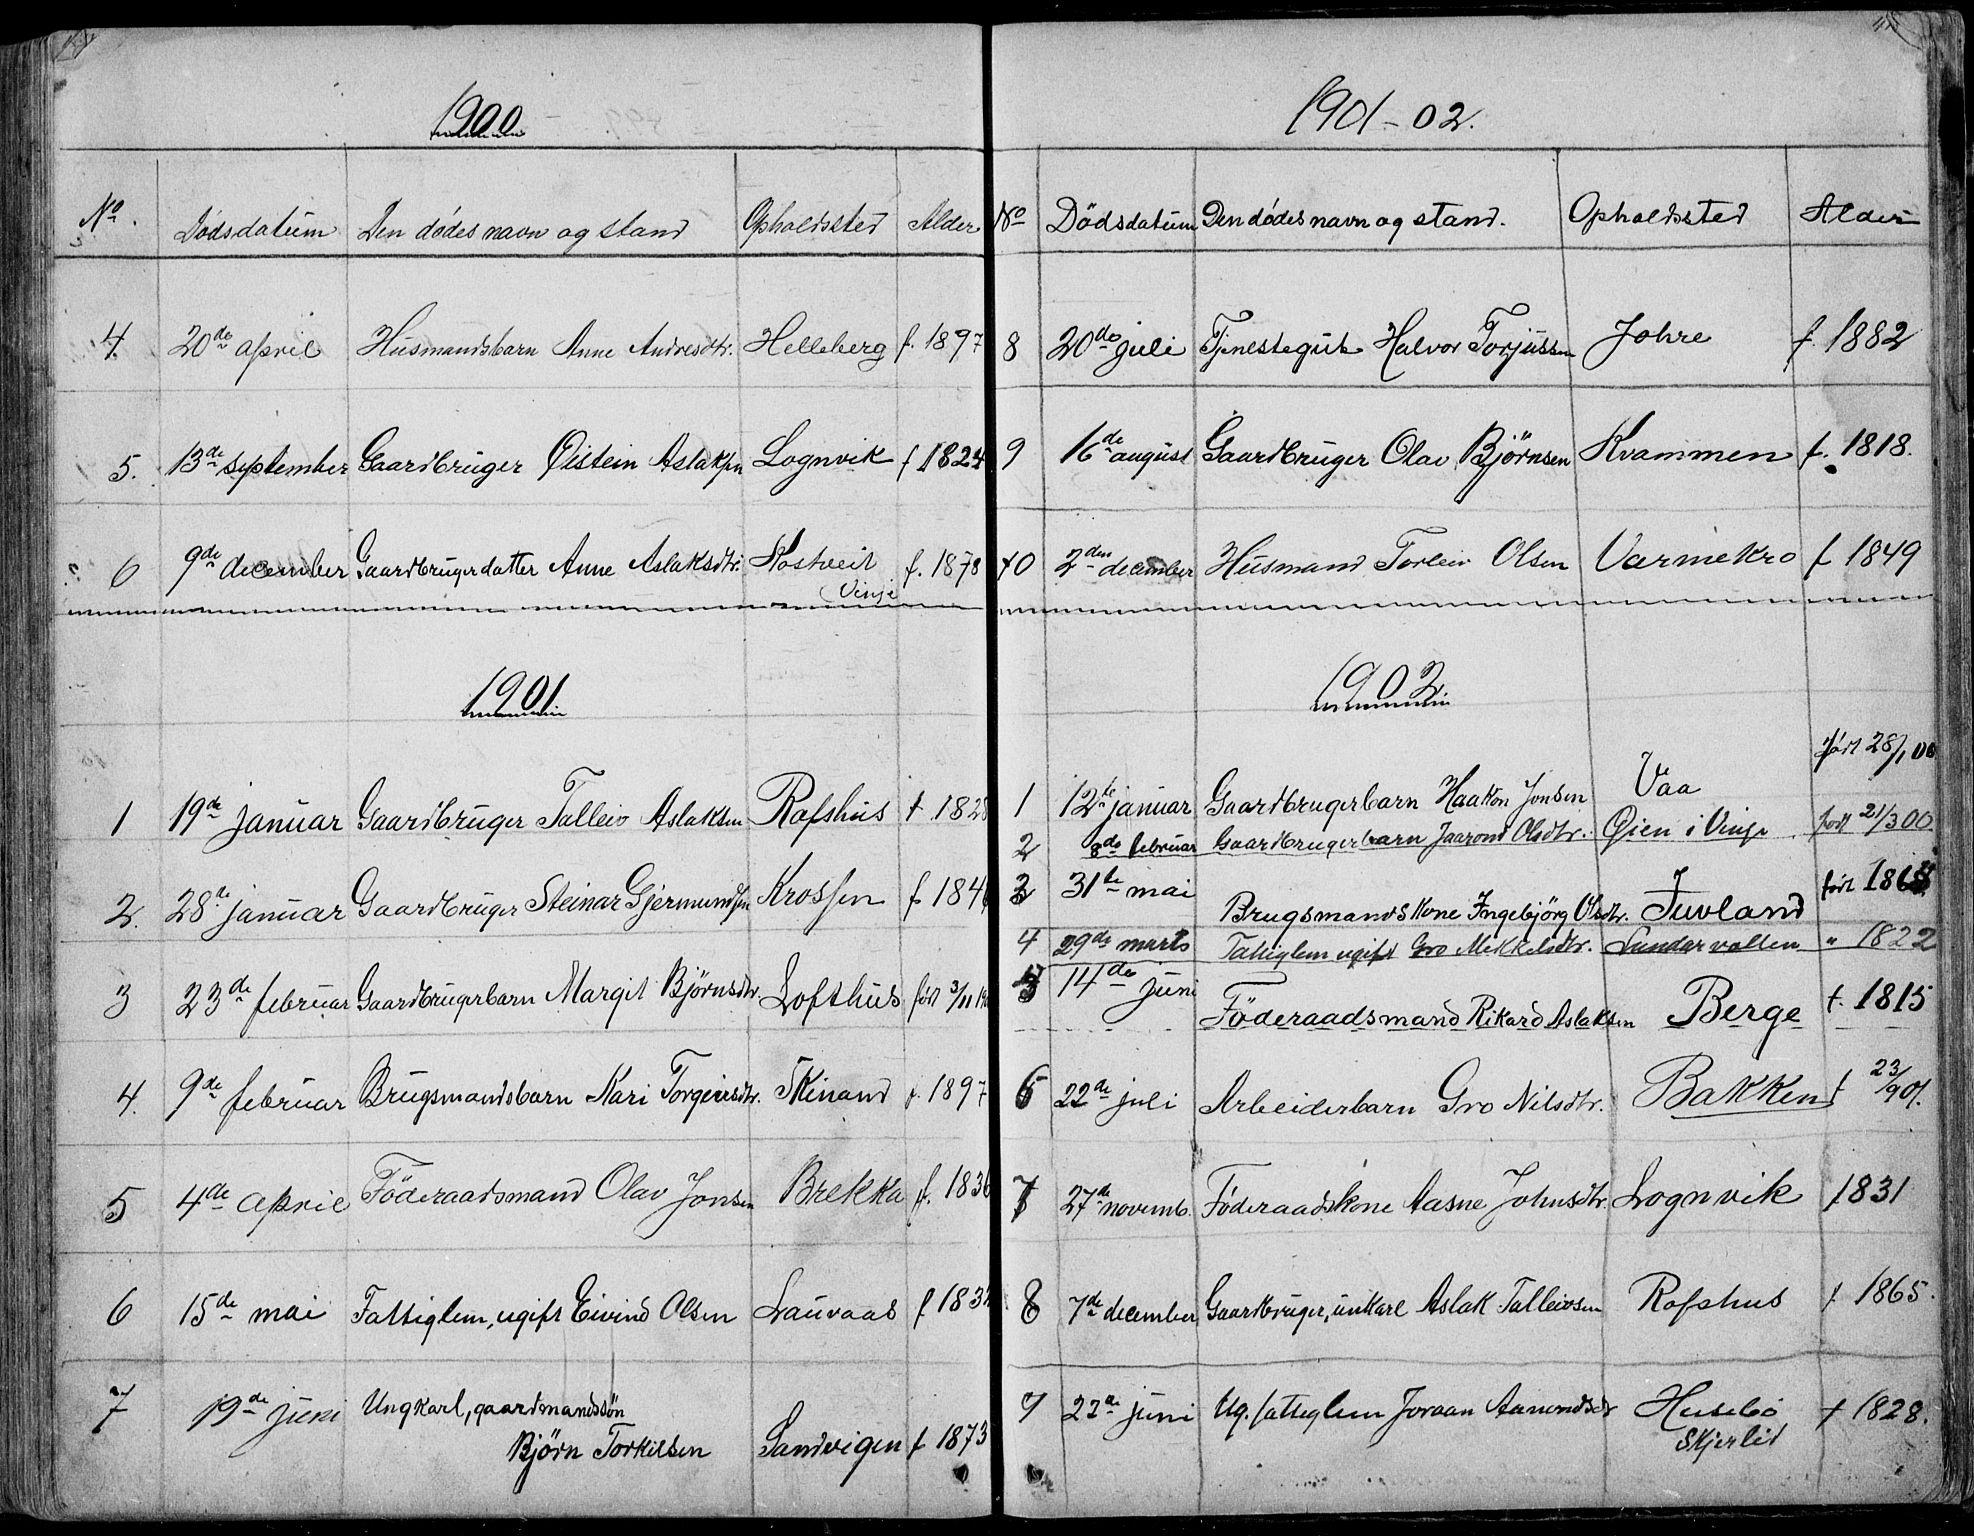 SAKO, Rauland kirkebøker, G/Ga/L0002: Klokkerbok nr. I 2, 1849-1935, s. 417-418